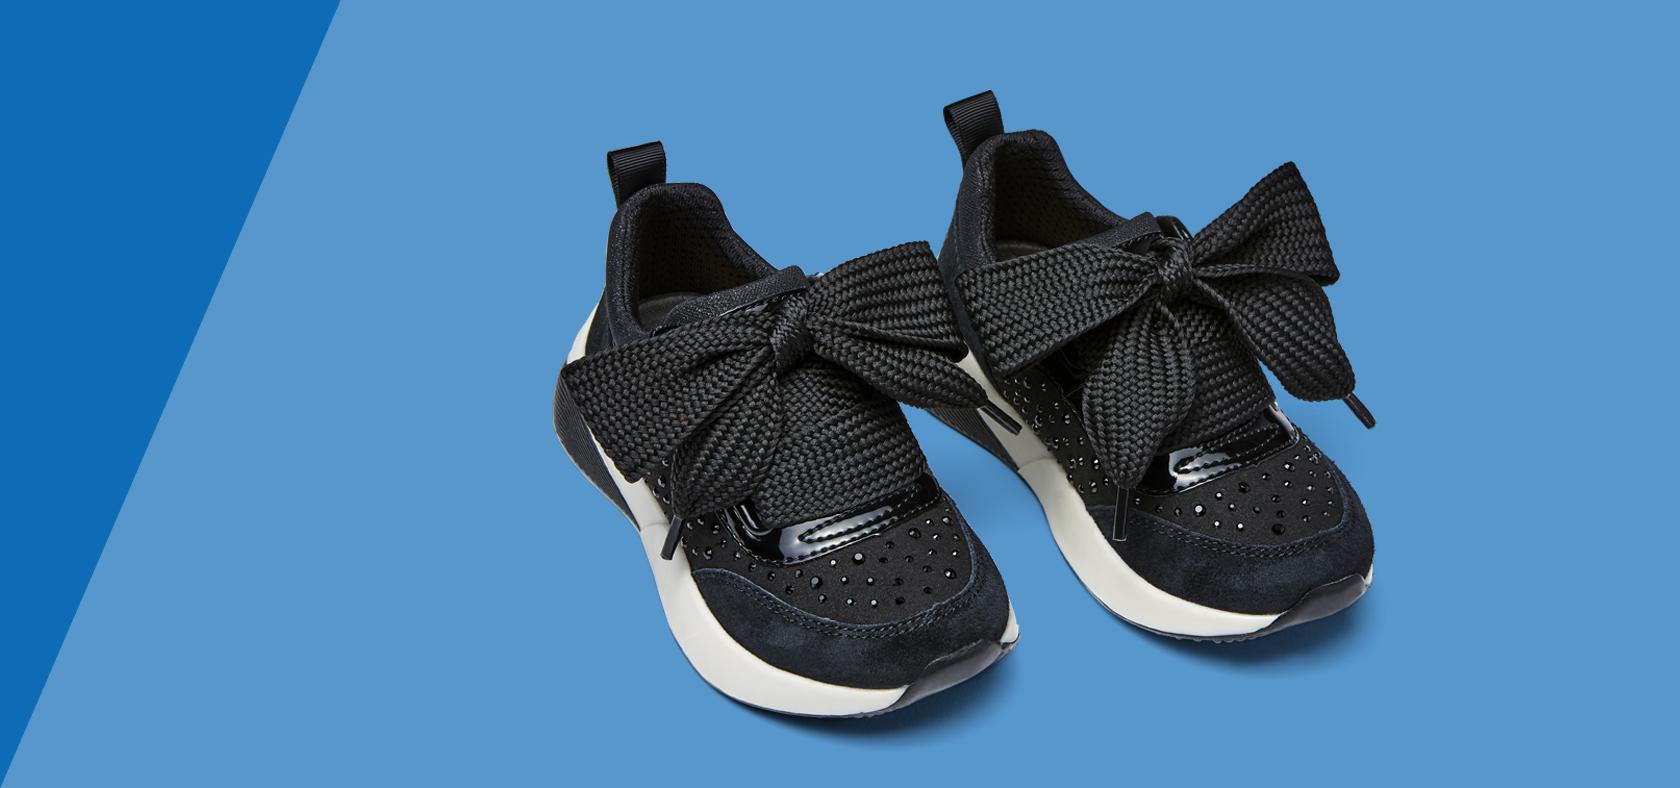 100% authentic 485a9 49762 Sneakers, Ballerine, Stivaletti, Scarpe Scuola da Bimba | Geox